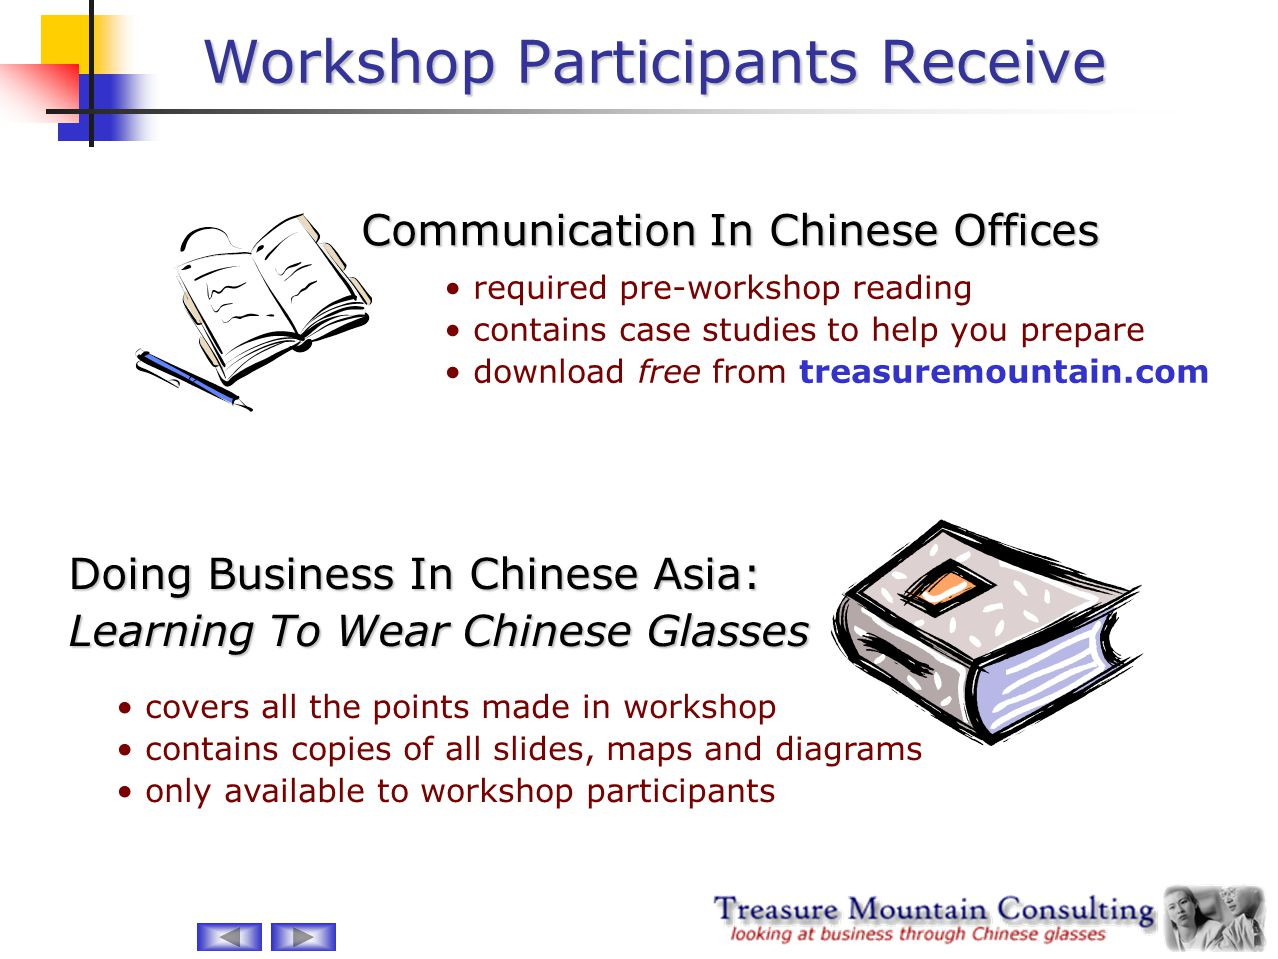 Workshop Participants Receive